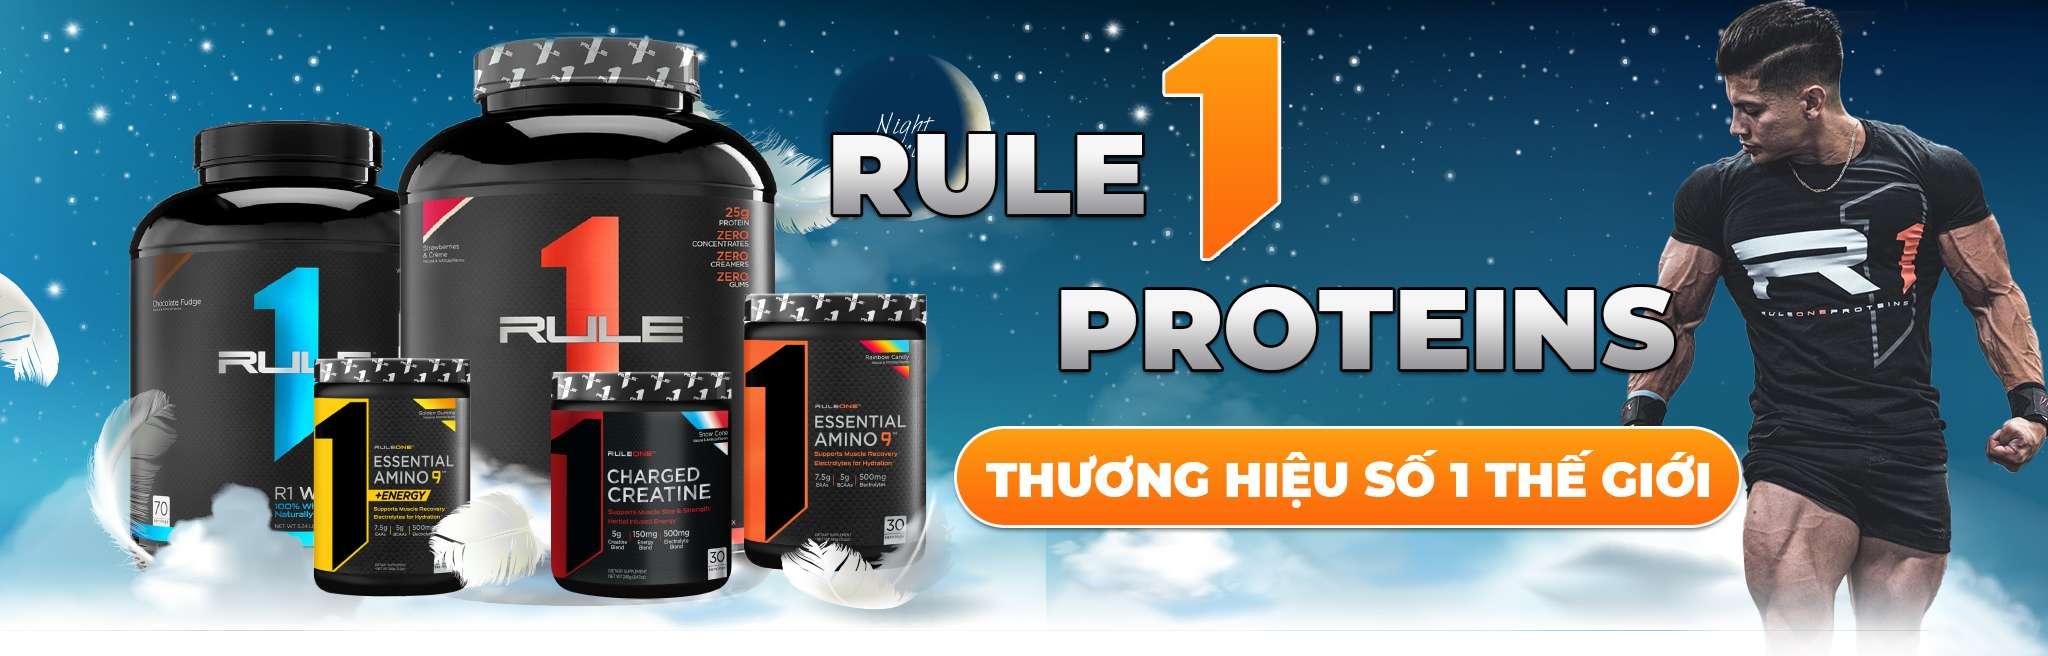 RULE 1 PROTEIN thuong hieu so 1 the gioi gia re ha noi tphcm